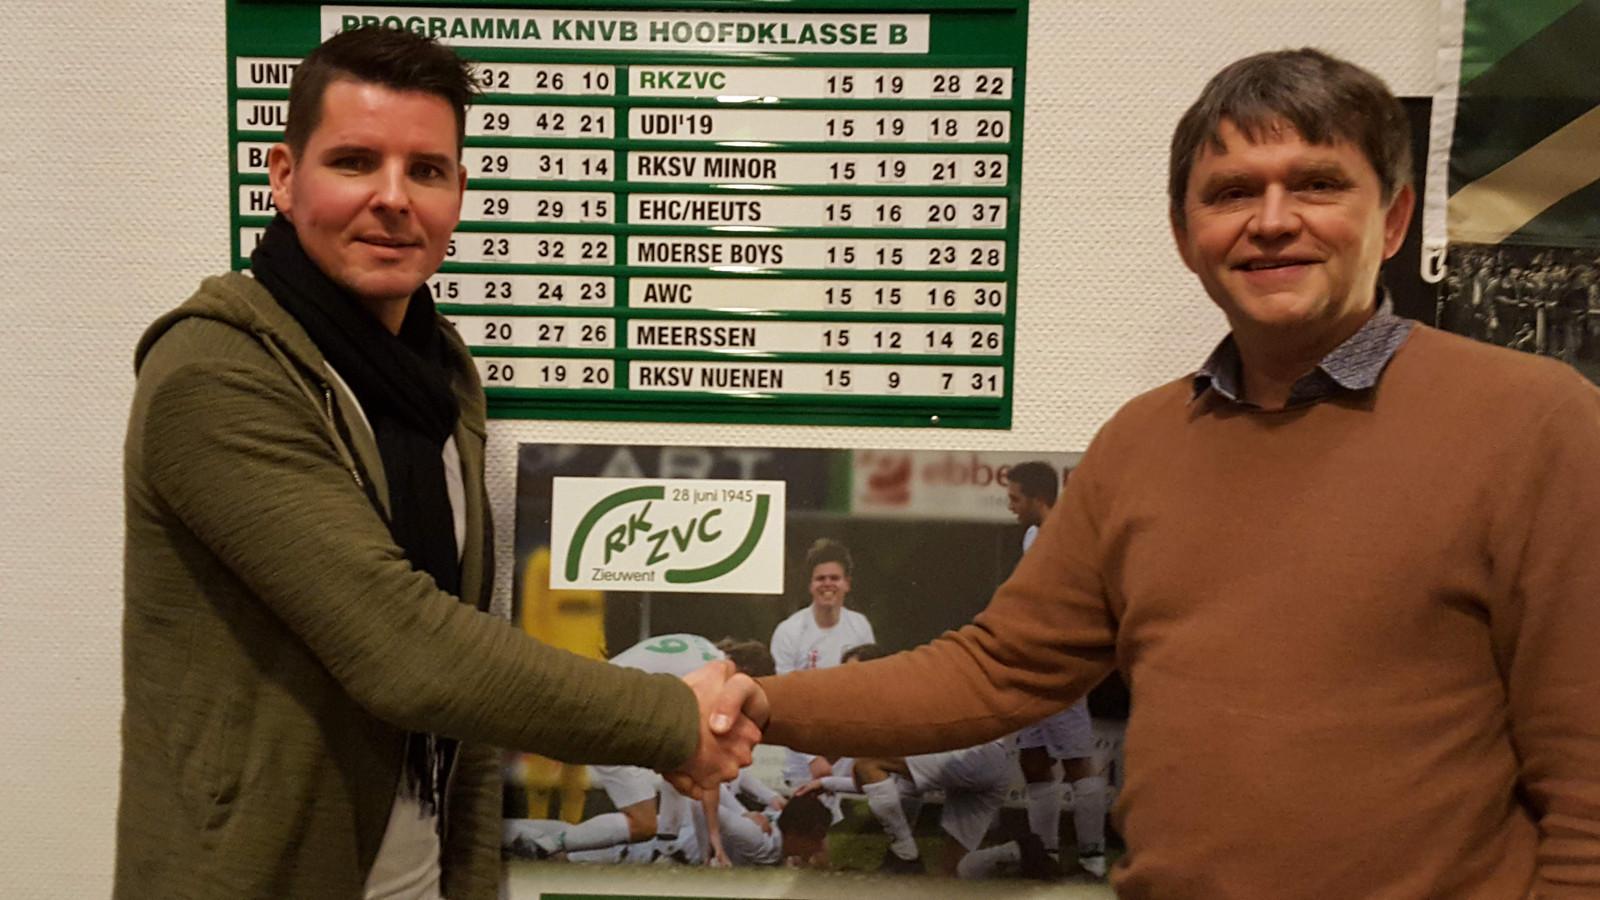 Onder leiding van de nieuwe trainer Jeroen Spies (links) speelt RKZVC zondag de eerste oefenwedstrijd.